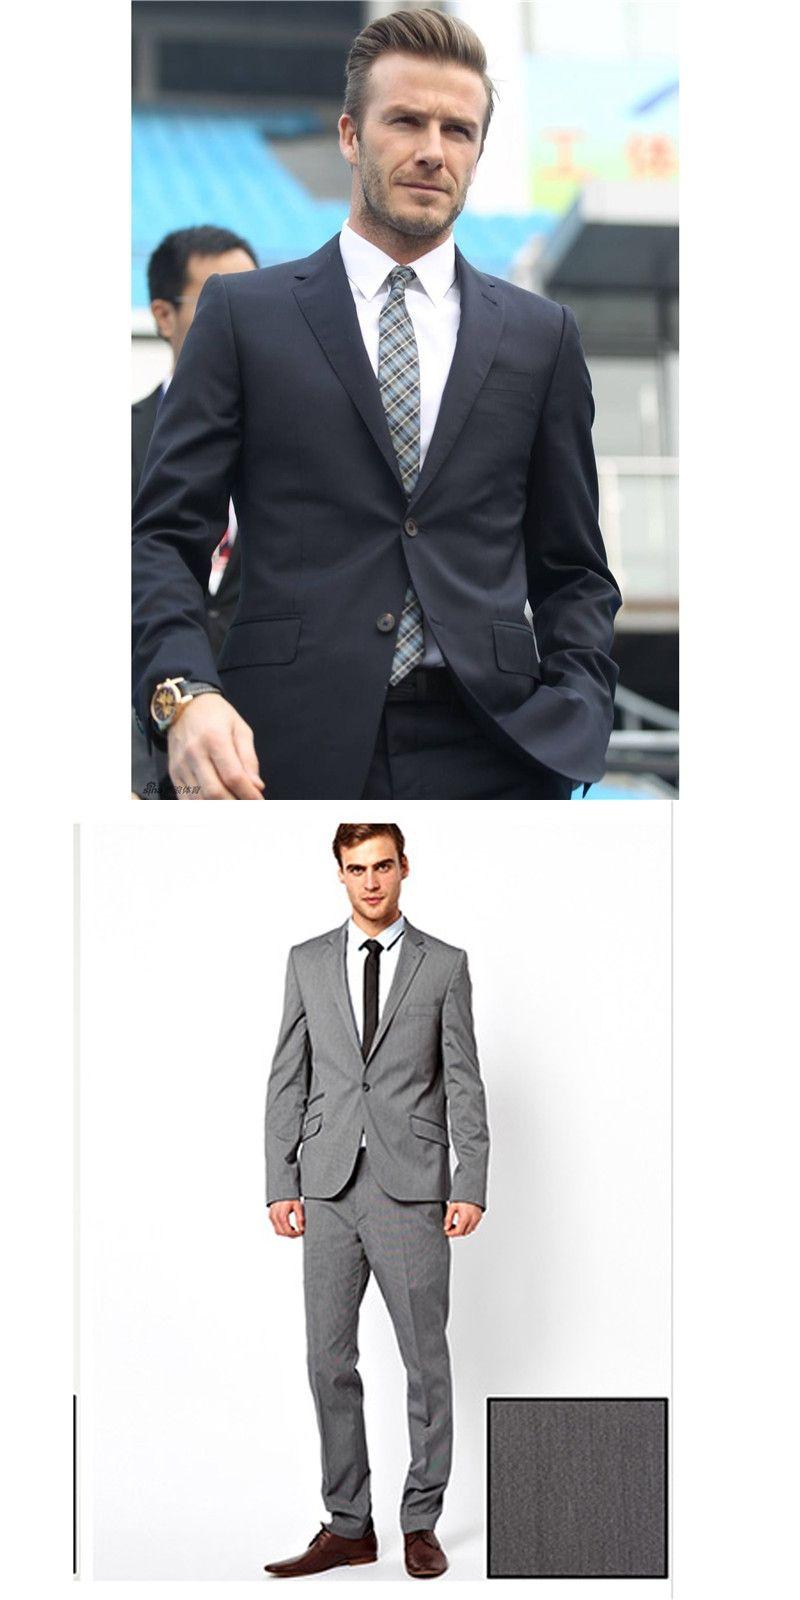 2018 Custom Made Men Suit Best man Groomman Suit Summer High Quality  Wedding Tuxedo Gentle Modern Blazer(Jacket+Pants+Tie+)